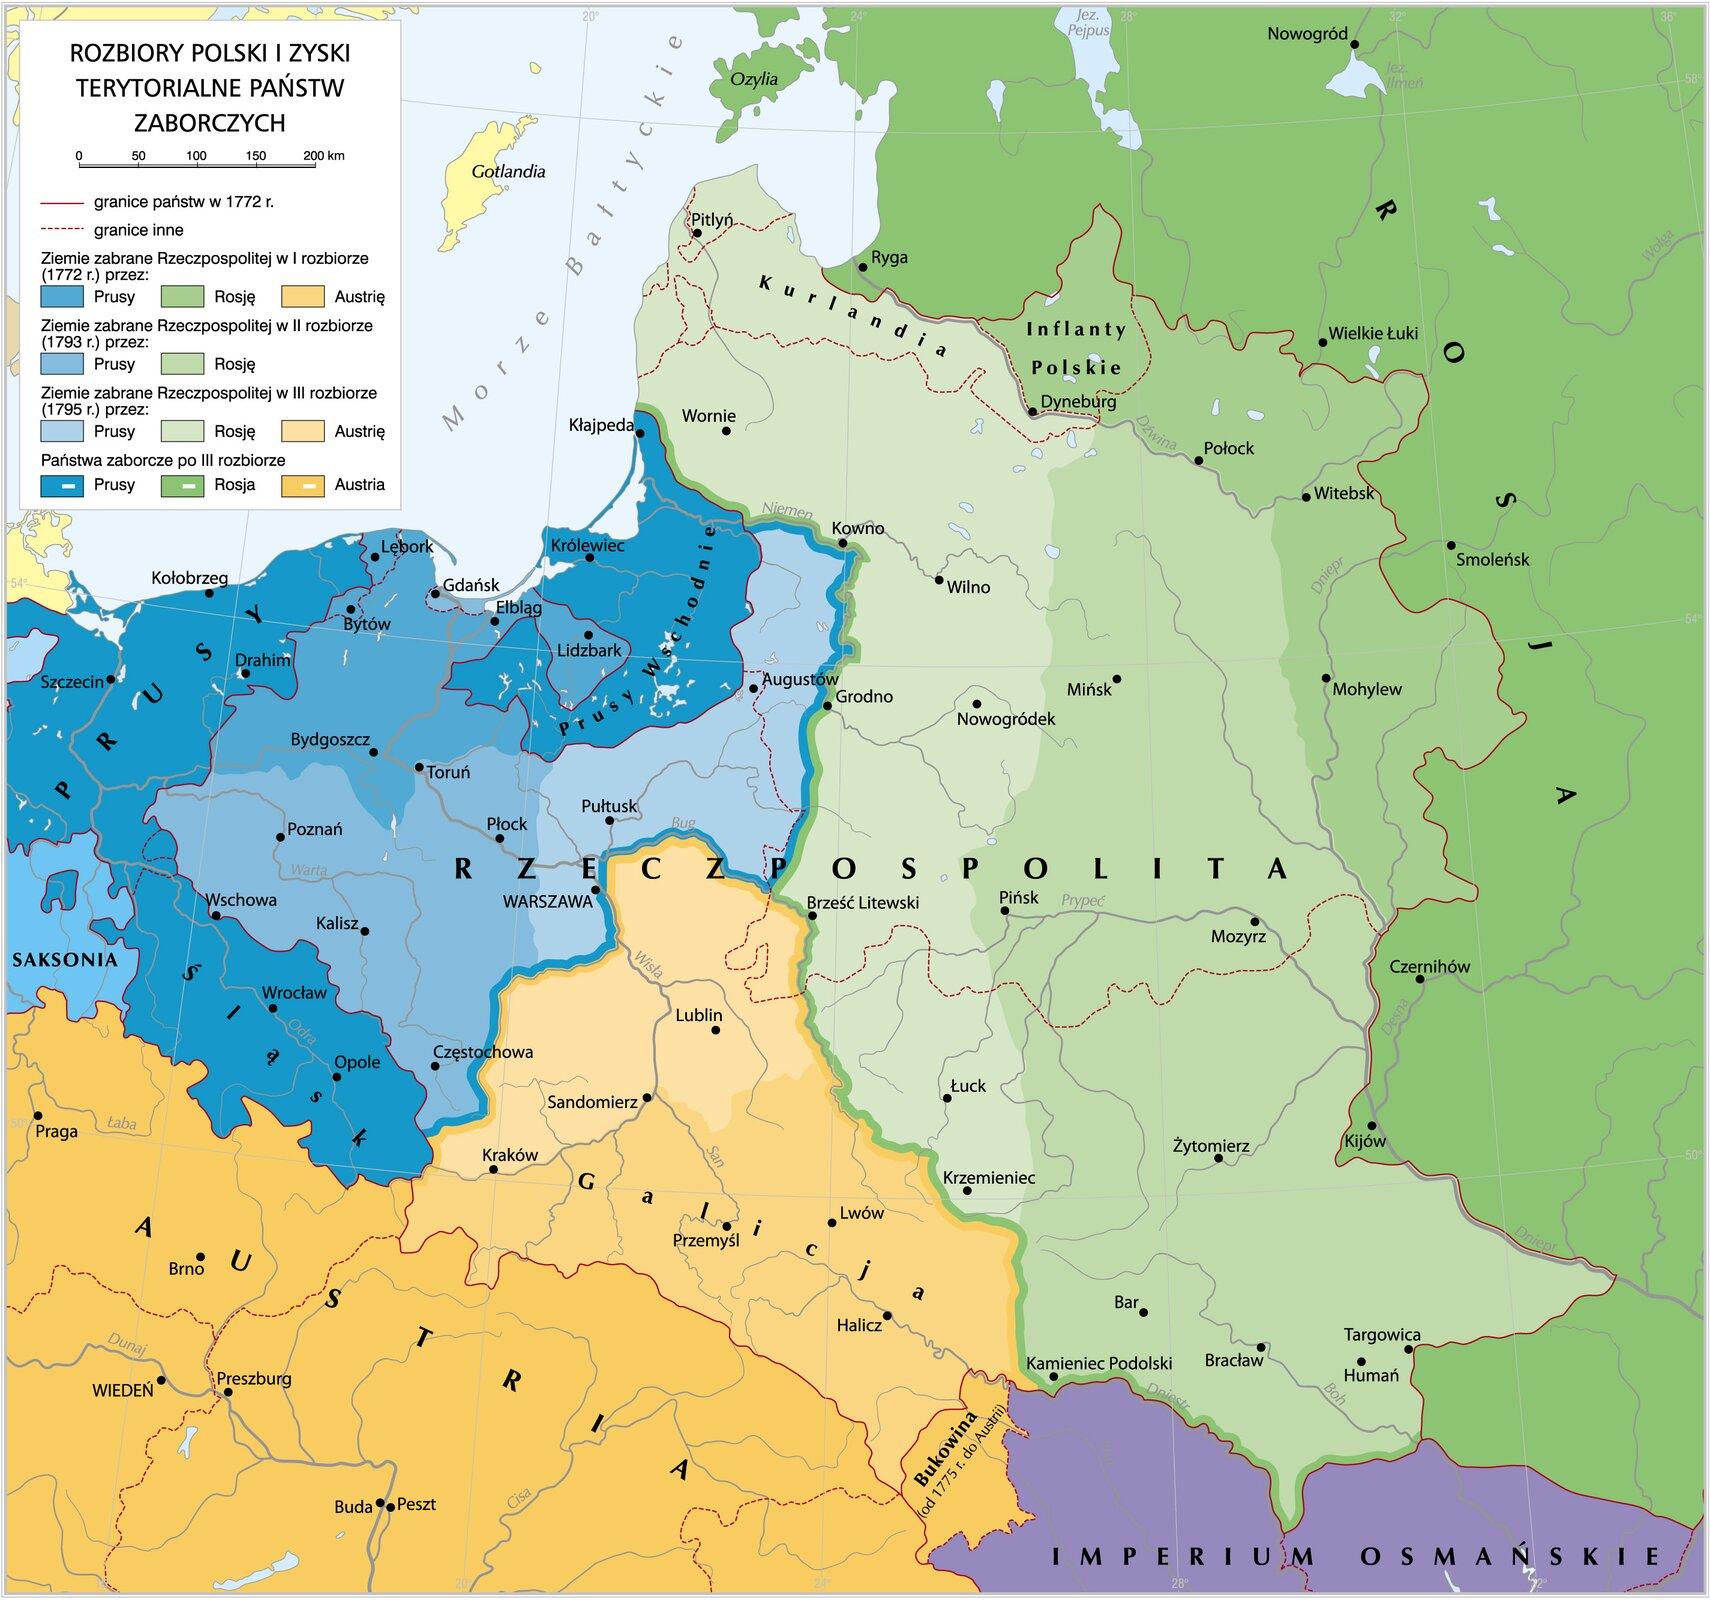 Rozbiory Polski izyski terytorialne poszczególnych mocarstw przy kolejnych zaborach